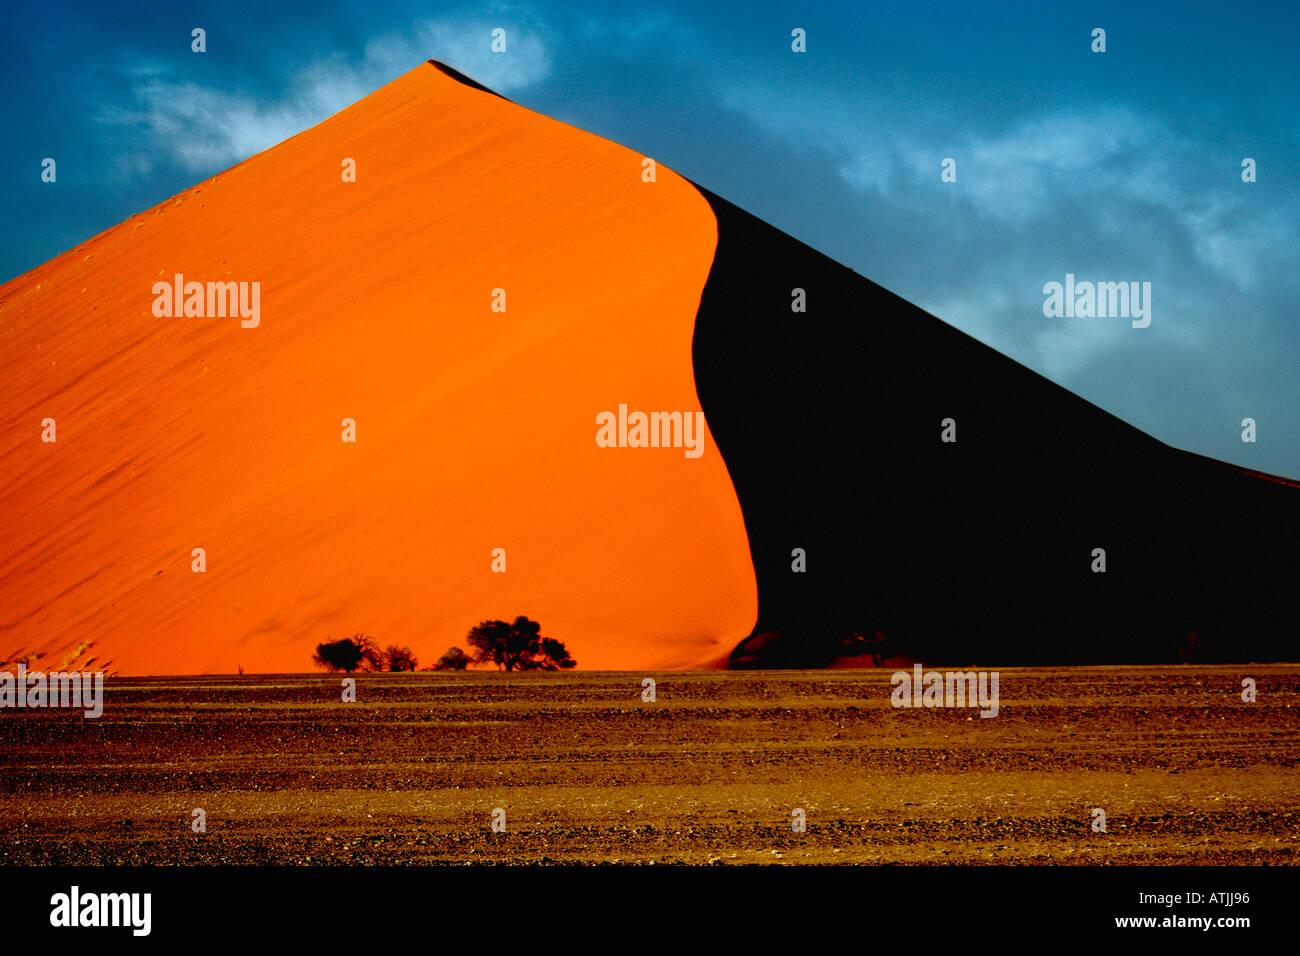 Africa Namibia Sesriem Sossusvlei sand dune - Stock Image